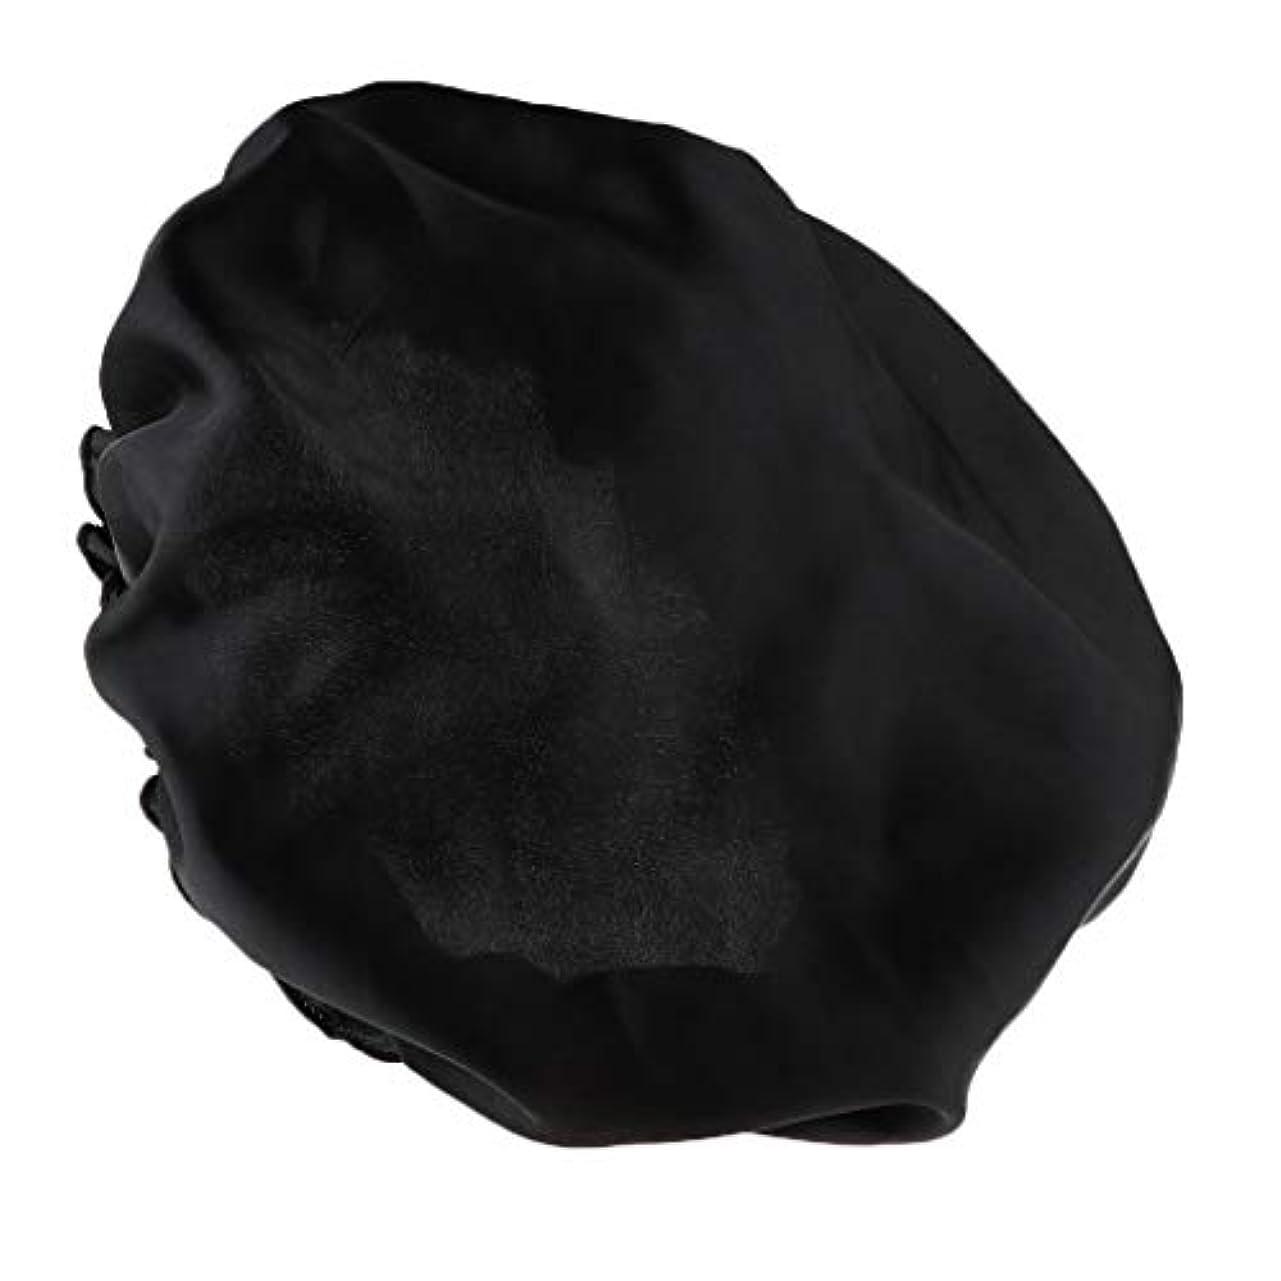 比較その間トチの実の木シャワーキャップ シルクサテンキャップ シルクサテン帽子 美容ヘッドカバー 浴用帽子 全8色 - ブラック